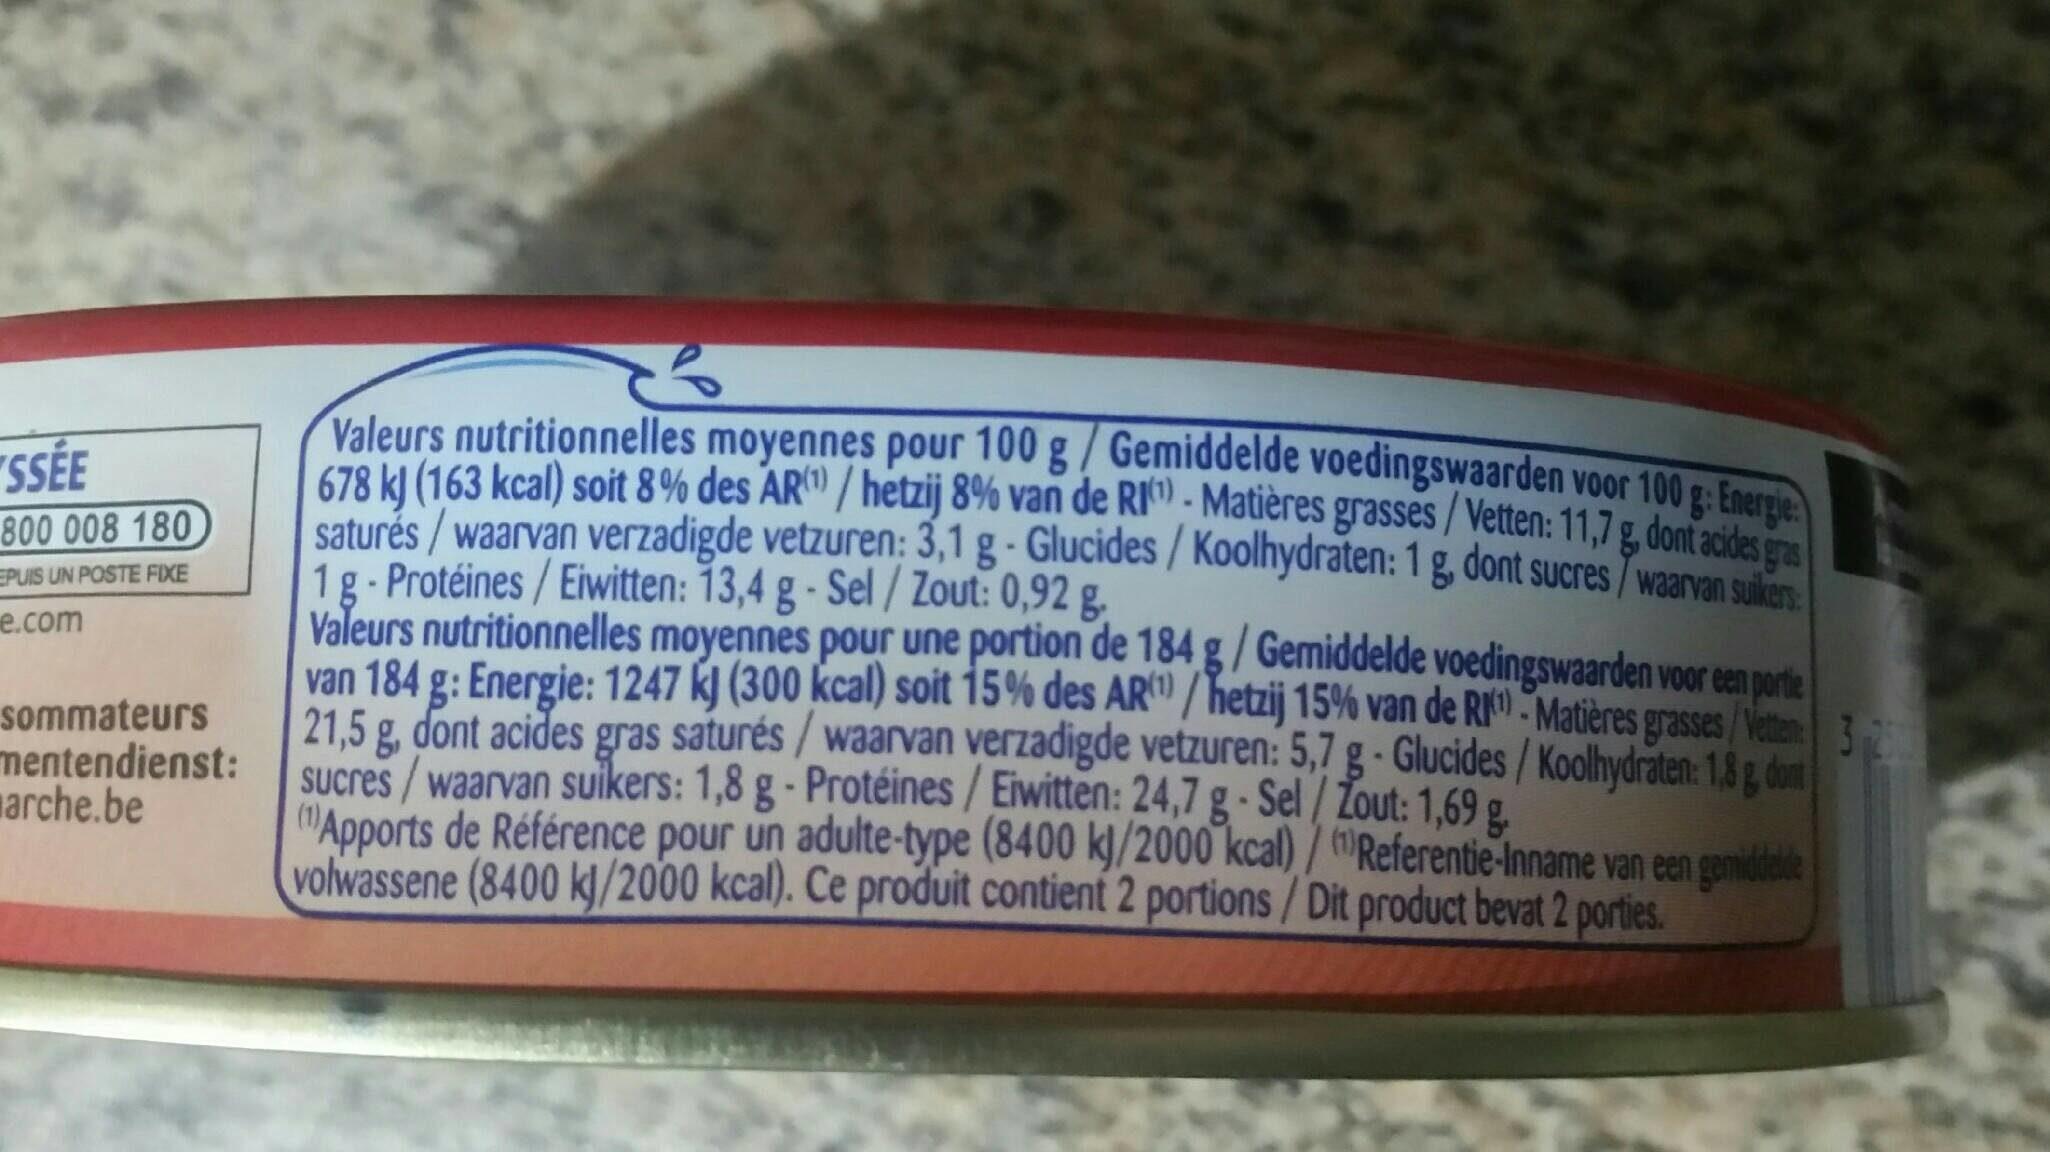 Pilchards Harengs à La Tomate Et à L'huile, La Boîte, 367g - Voedingswaarden - fr